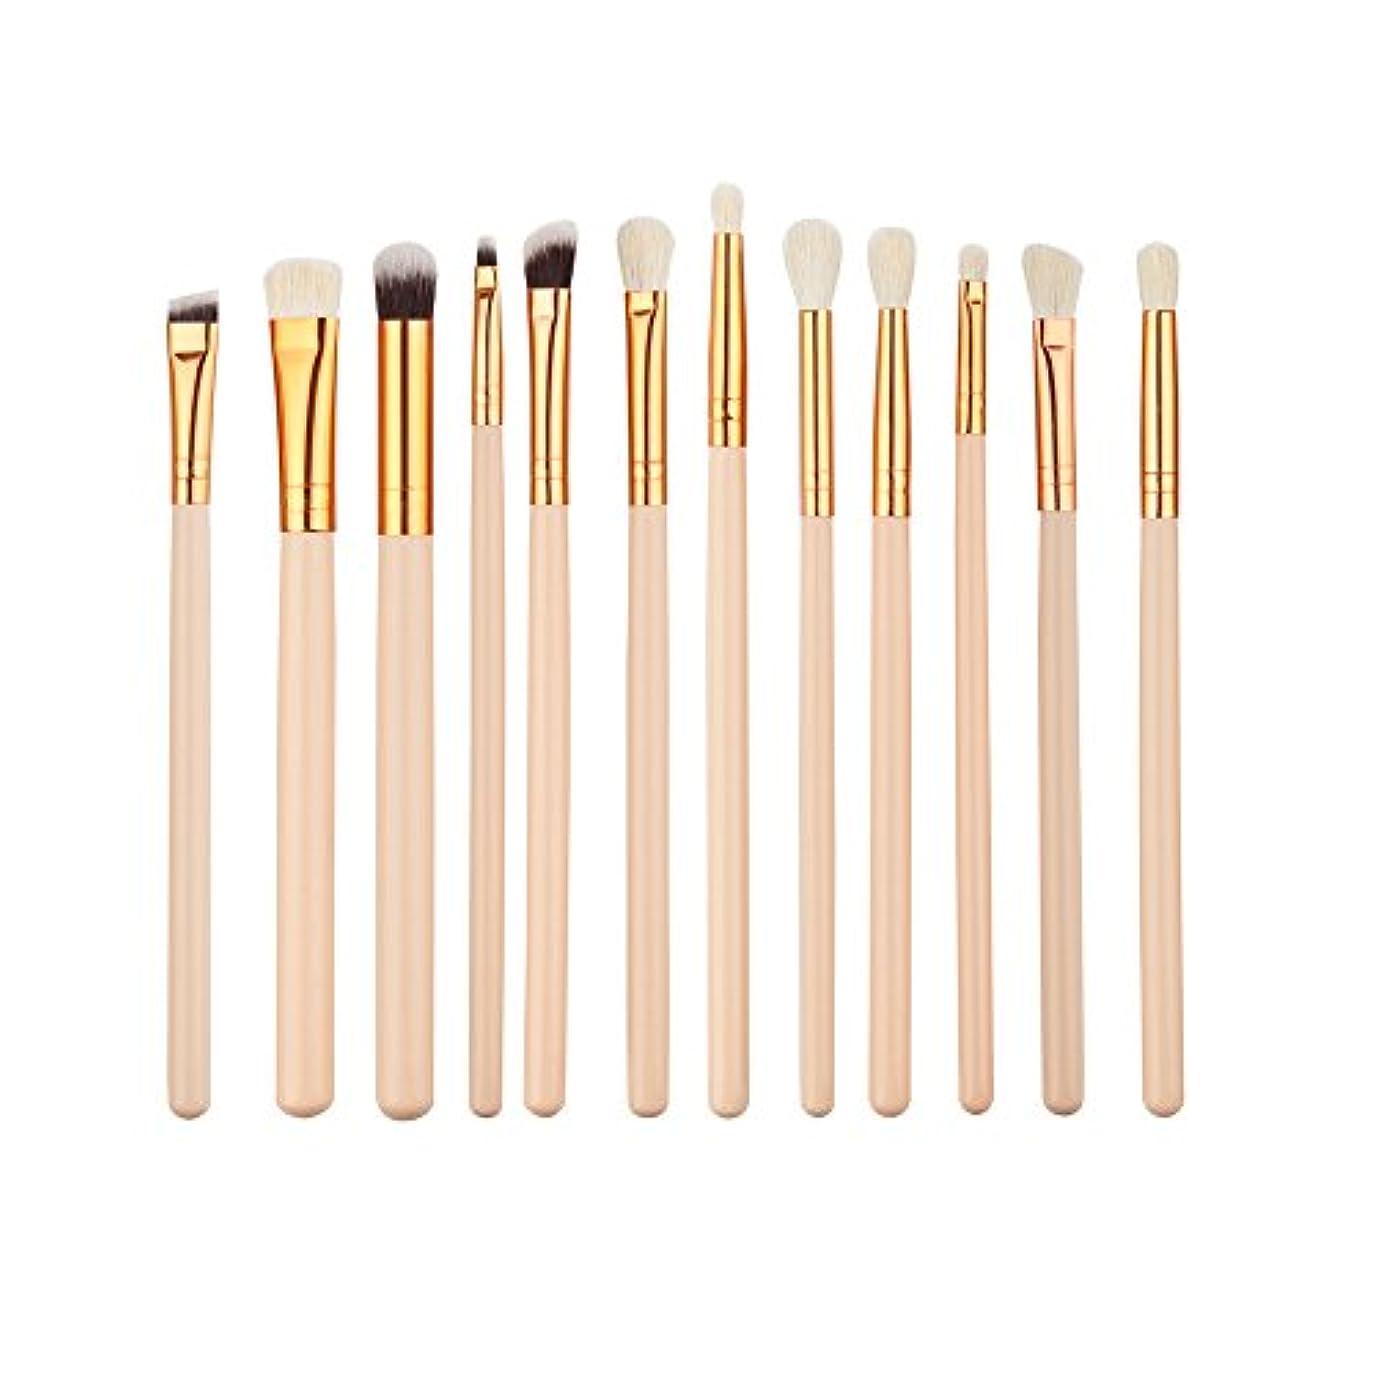 三入手します口ELECOOL 12pcs Eye Makeup Brushes Kit Women Eyeshadow Powder Eyeliner Blending Brush Eye Shadow Brushes